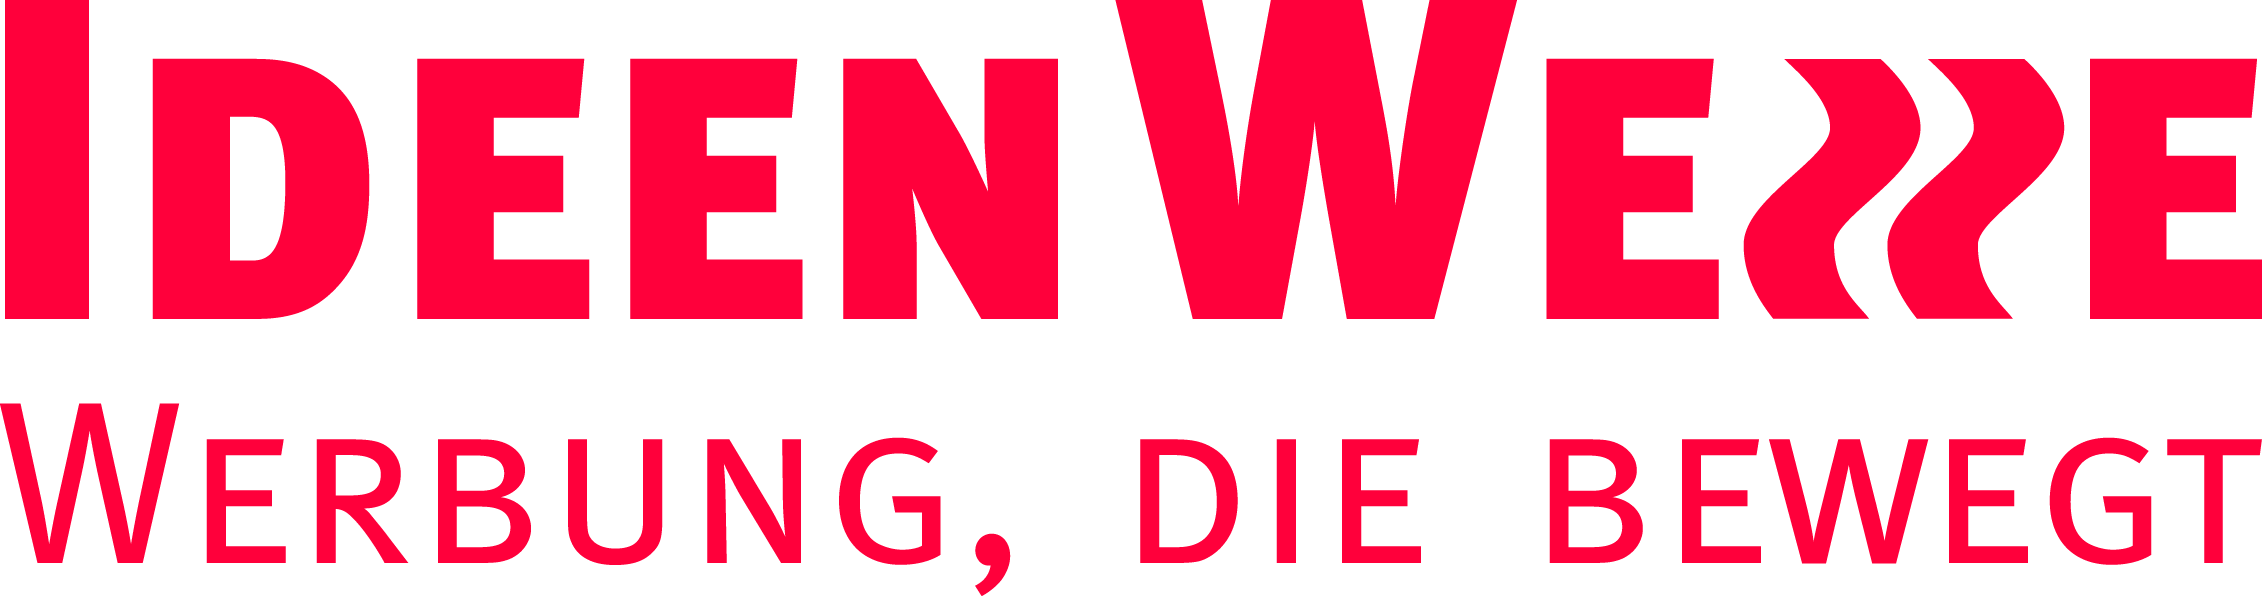 IDEENWELLE - Werbeagentur in Nürnberg, Fürth.